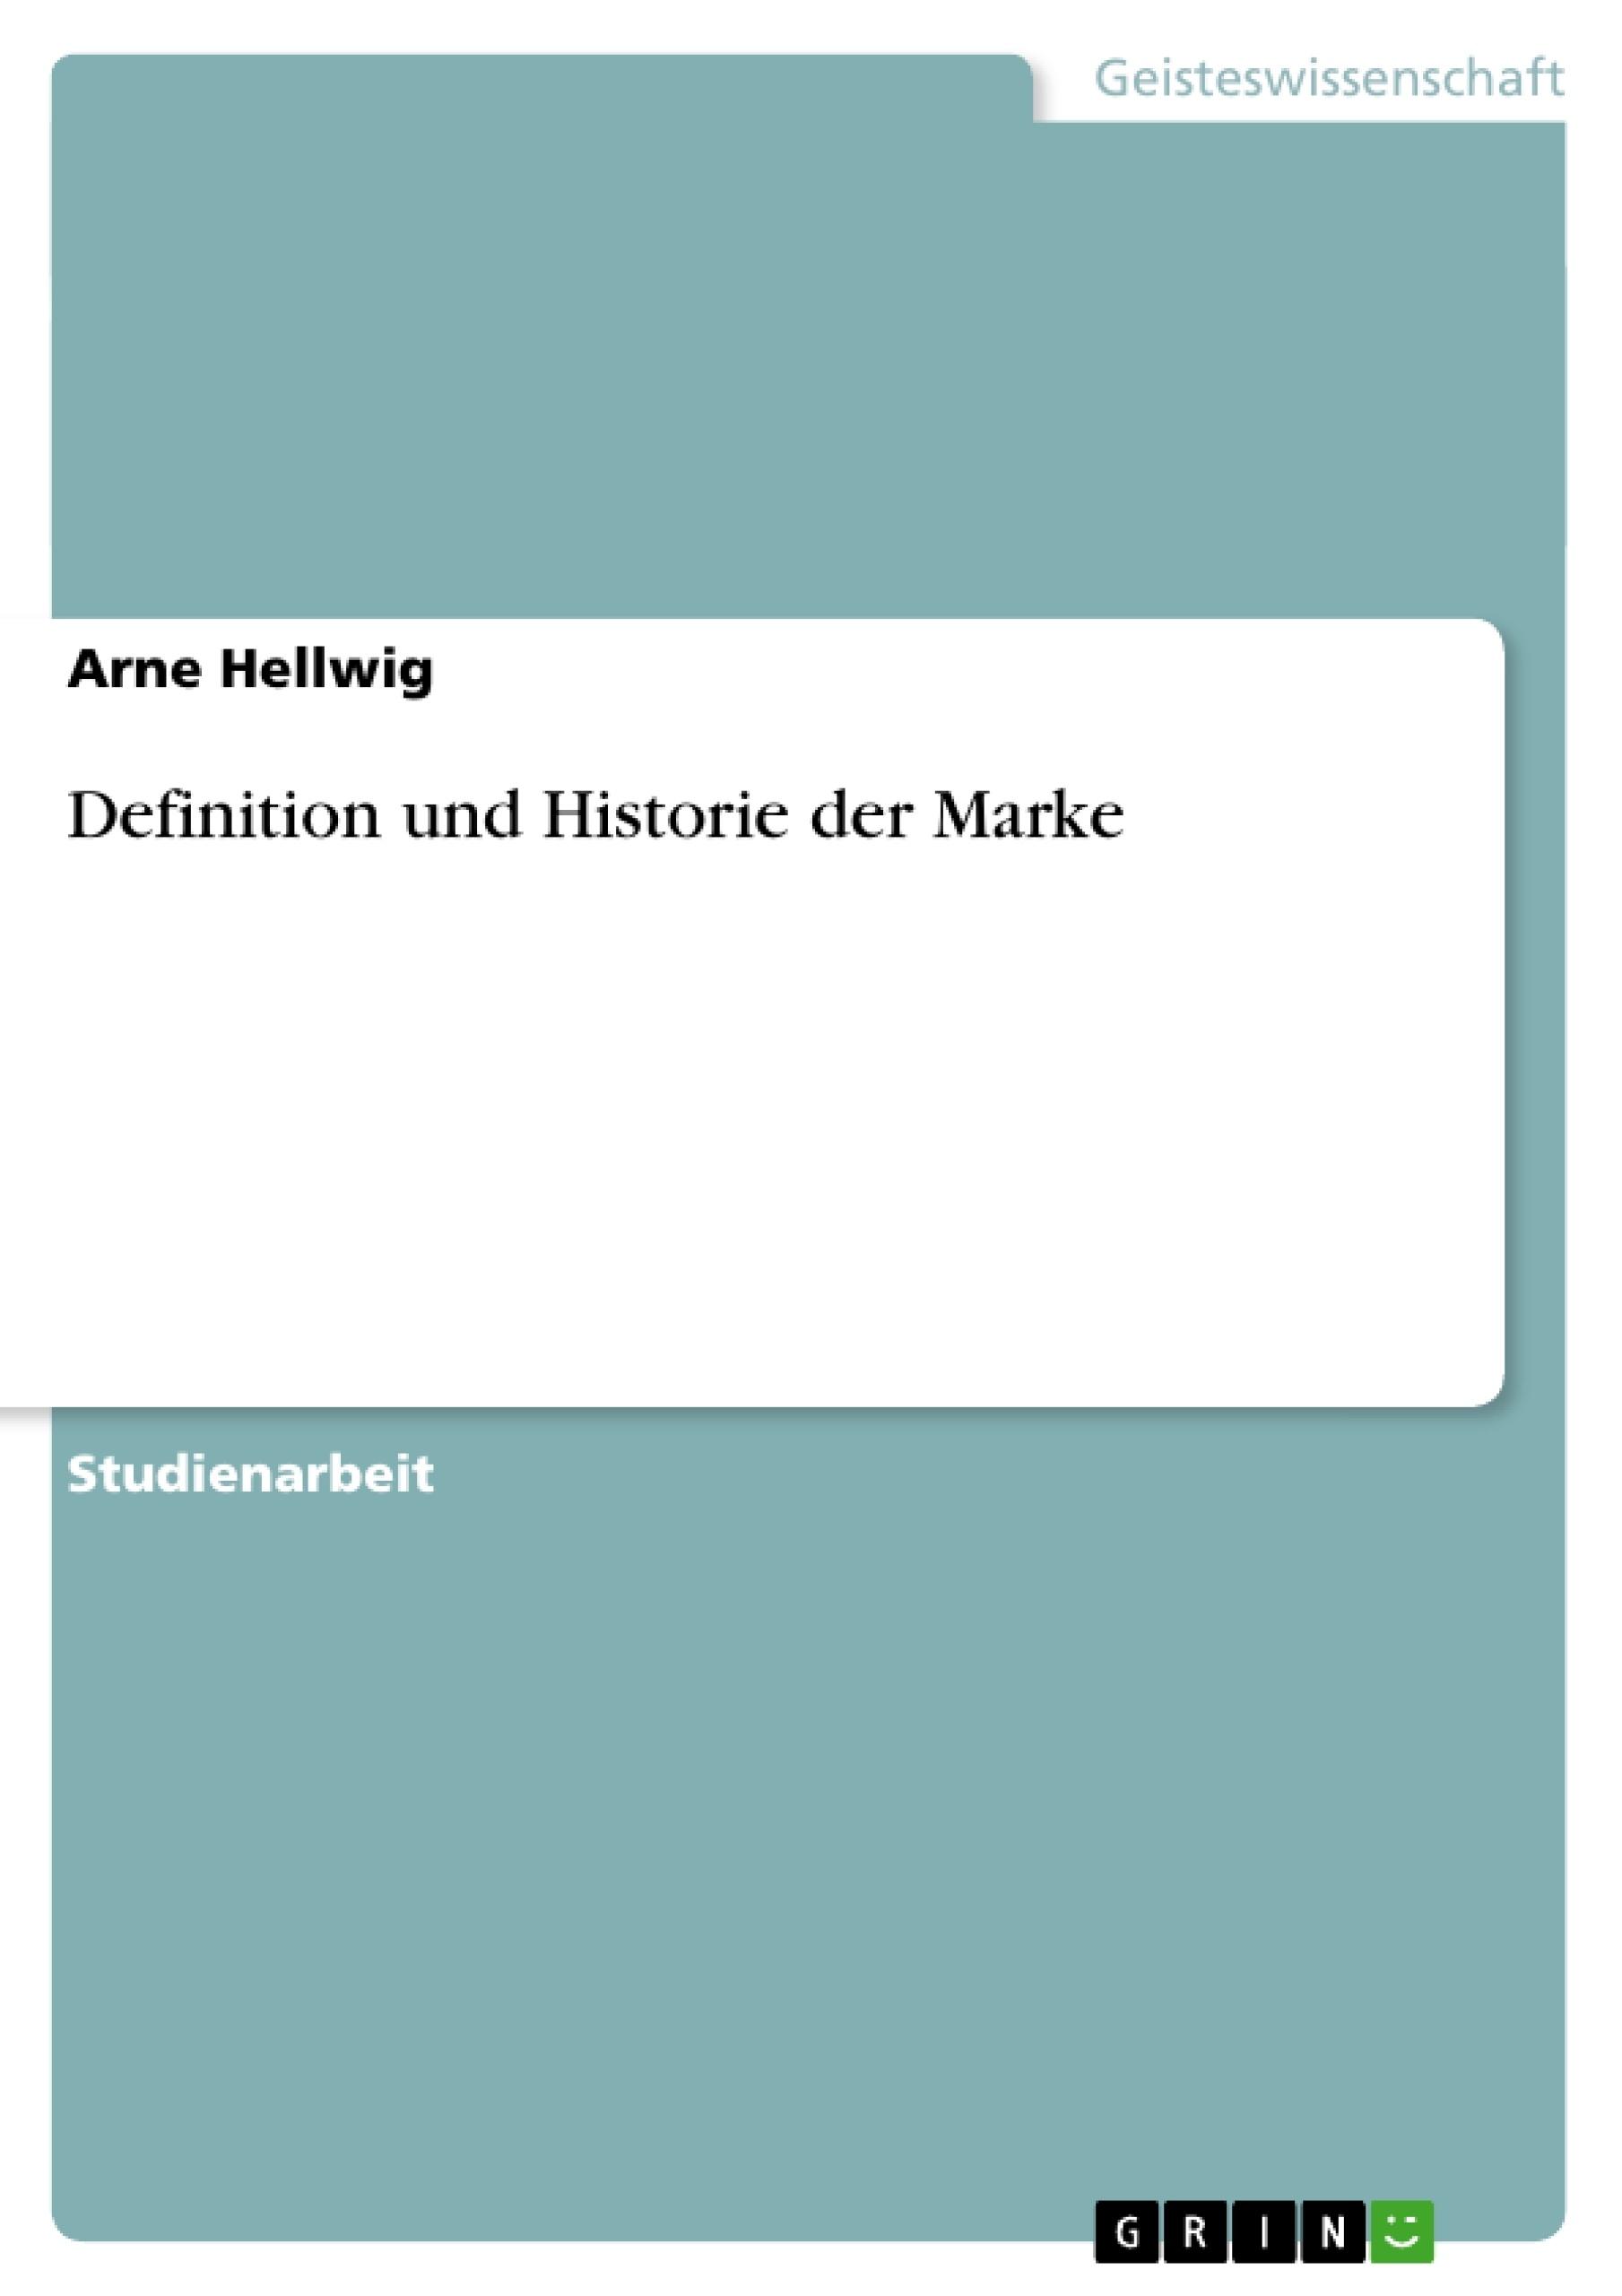 Titel: Definition und Historie der Marke